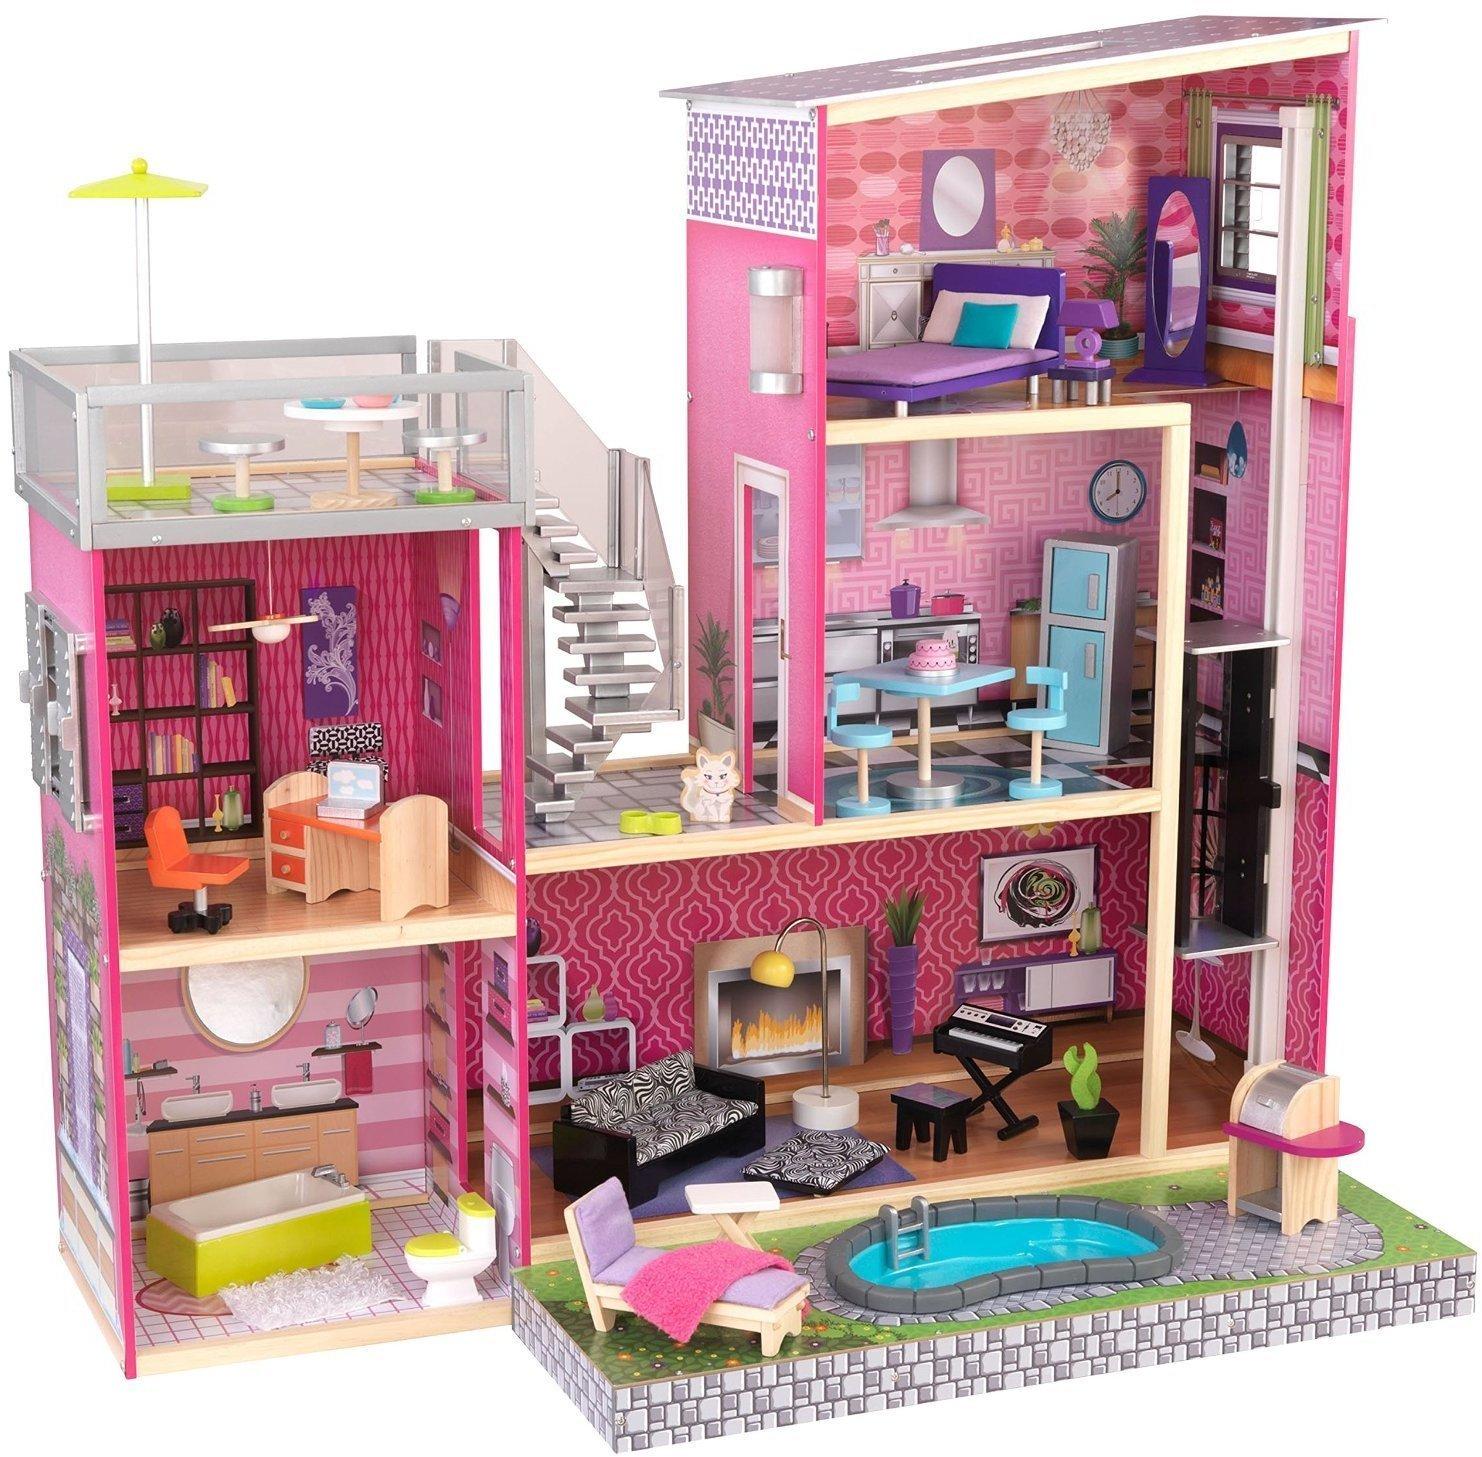 Дом мечты Барби - Глянец, с мебелью 35 предметов и бассейномКукольные домики<br>Дом мечты Барби - Глянец, с мебелью 35 предметов и бассейном<br>